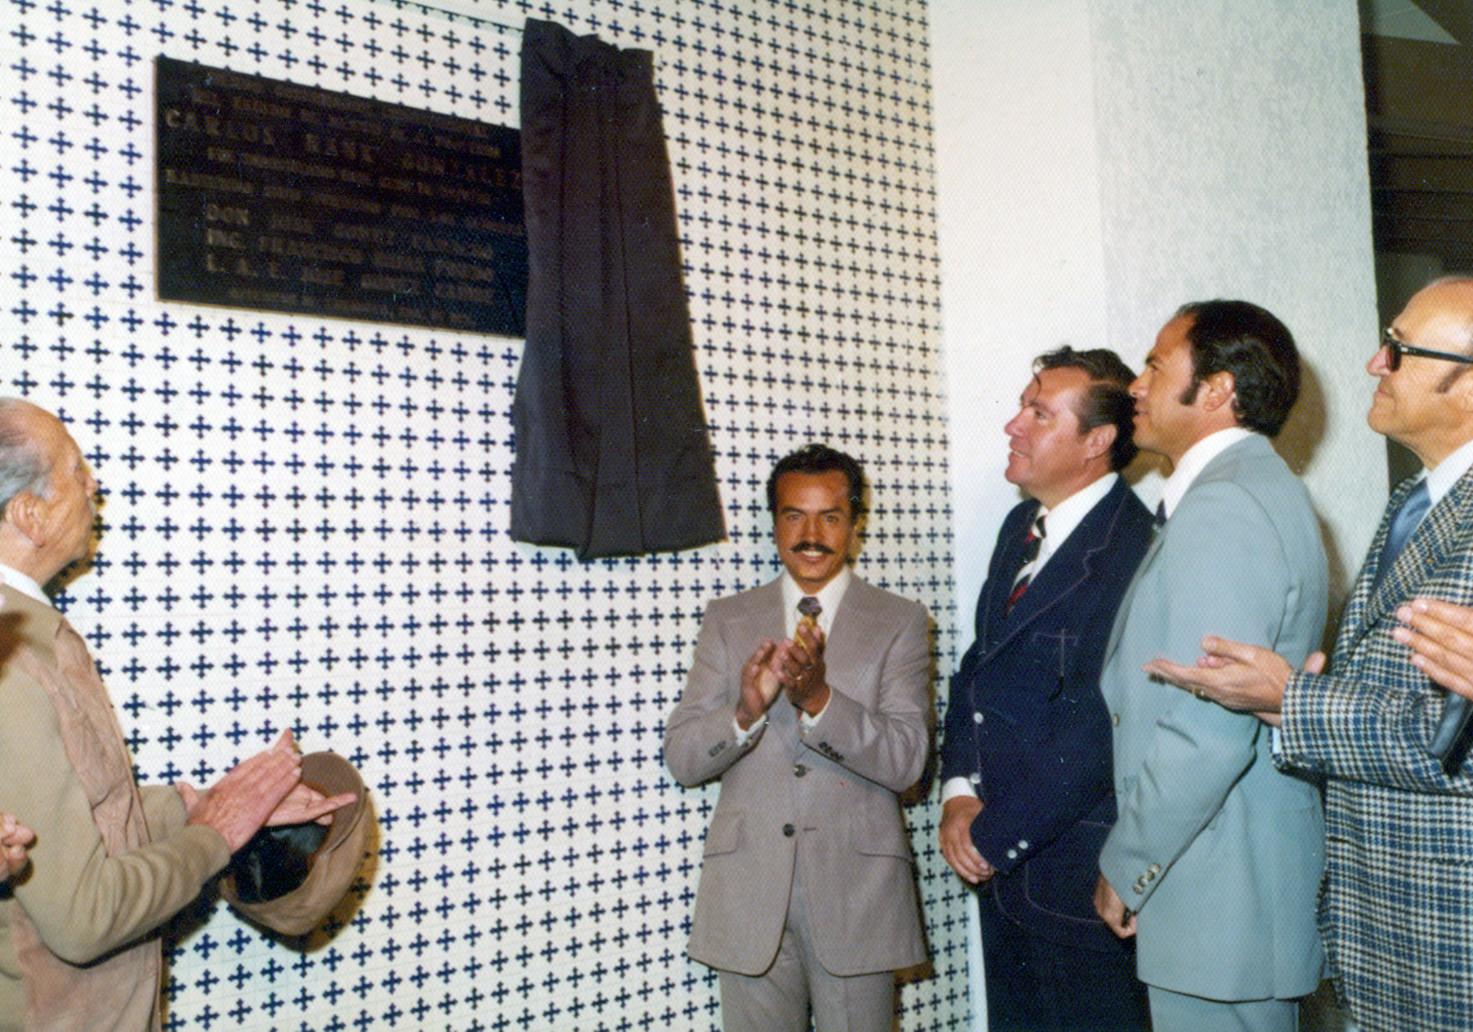 Inauguración de la placa conmemorativa de Carlos Hank González